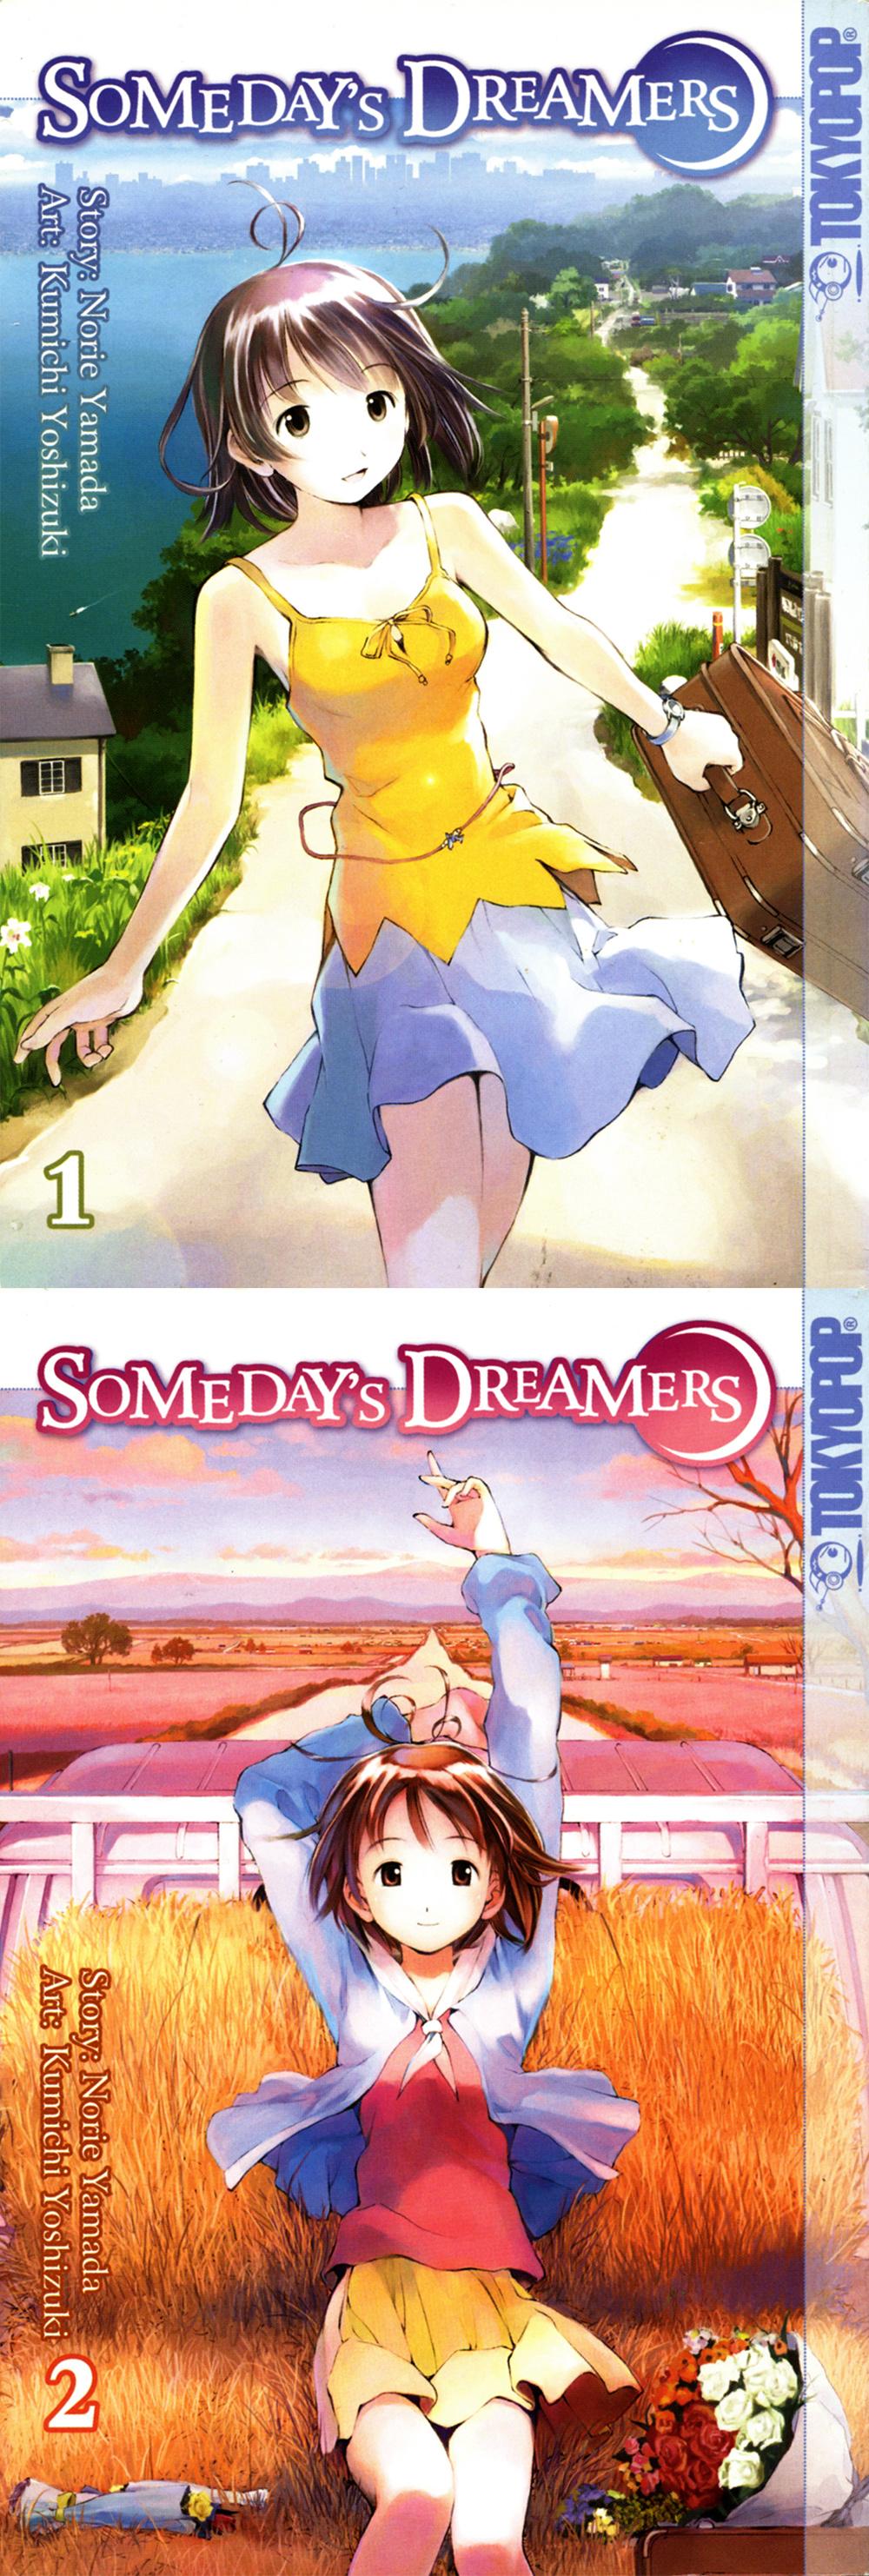 """""""Someday's Dreamers"""" volumes 1-2 manga by Norie Yamada and Kumichi Yoshizuki."""